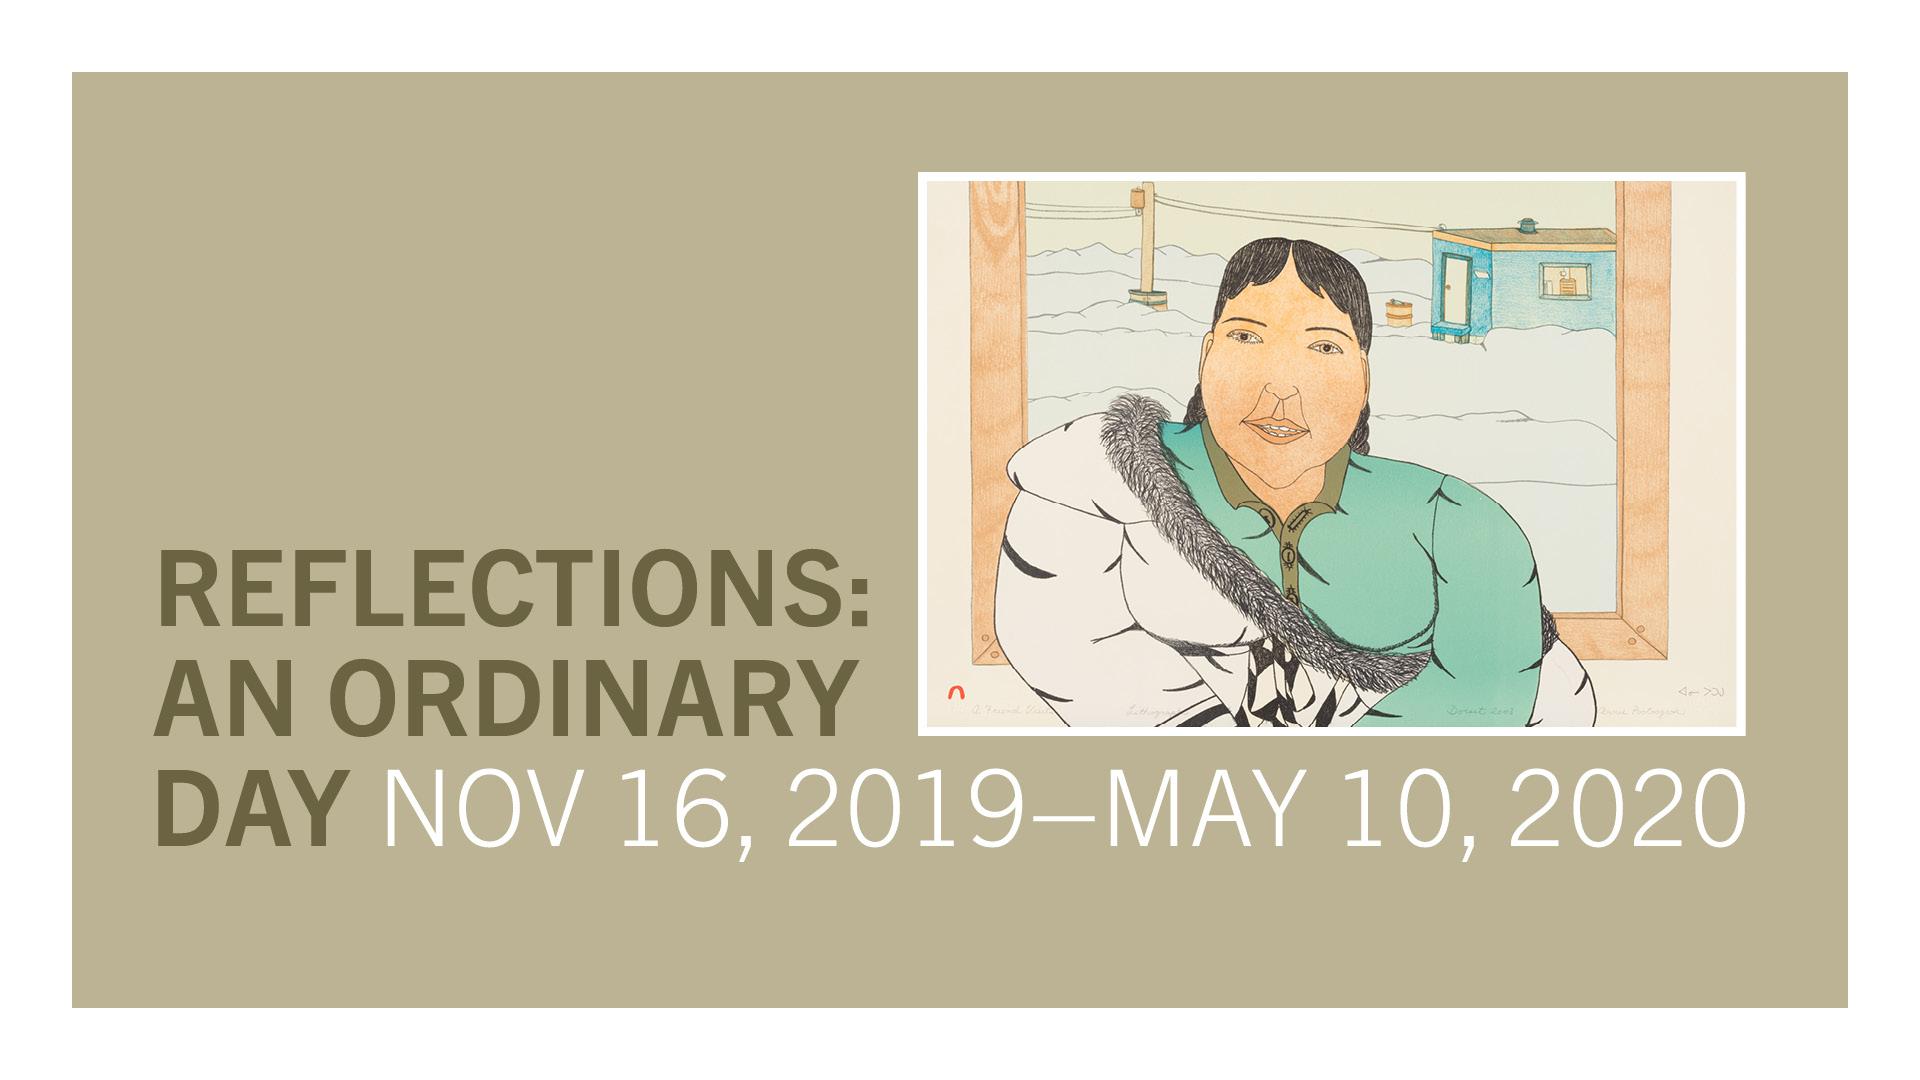 Reflections: An Ordinary Day. November 16, 2019–May 10, 2020